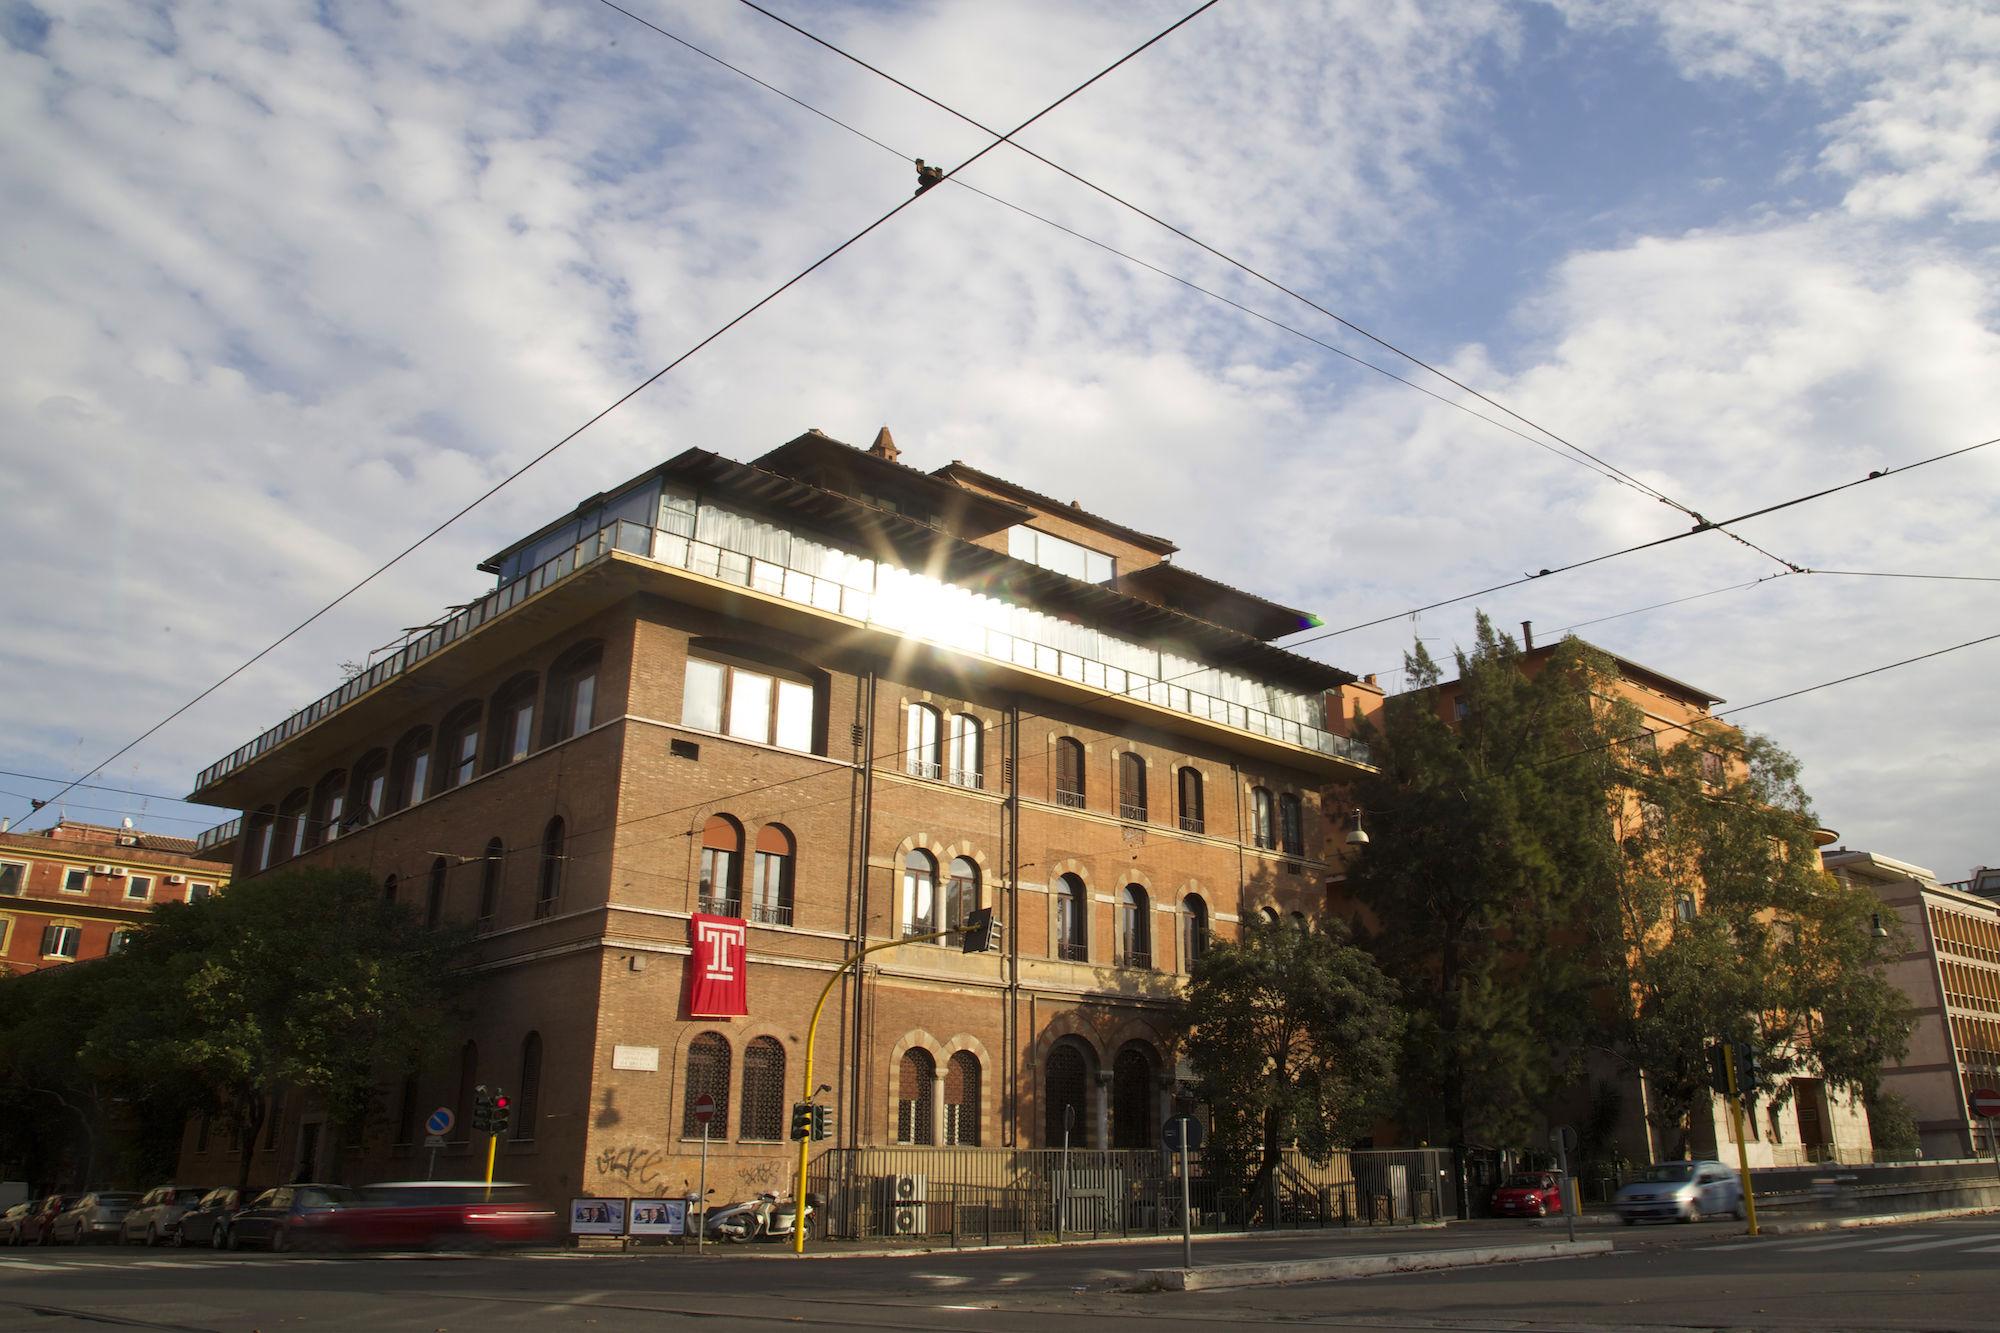 Exterior view of Villa Caproni